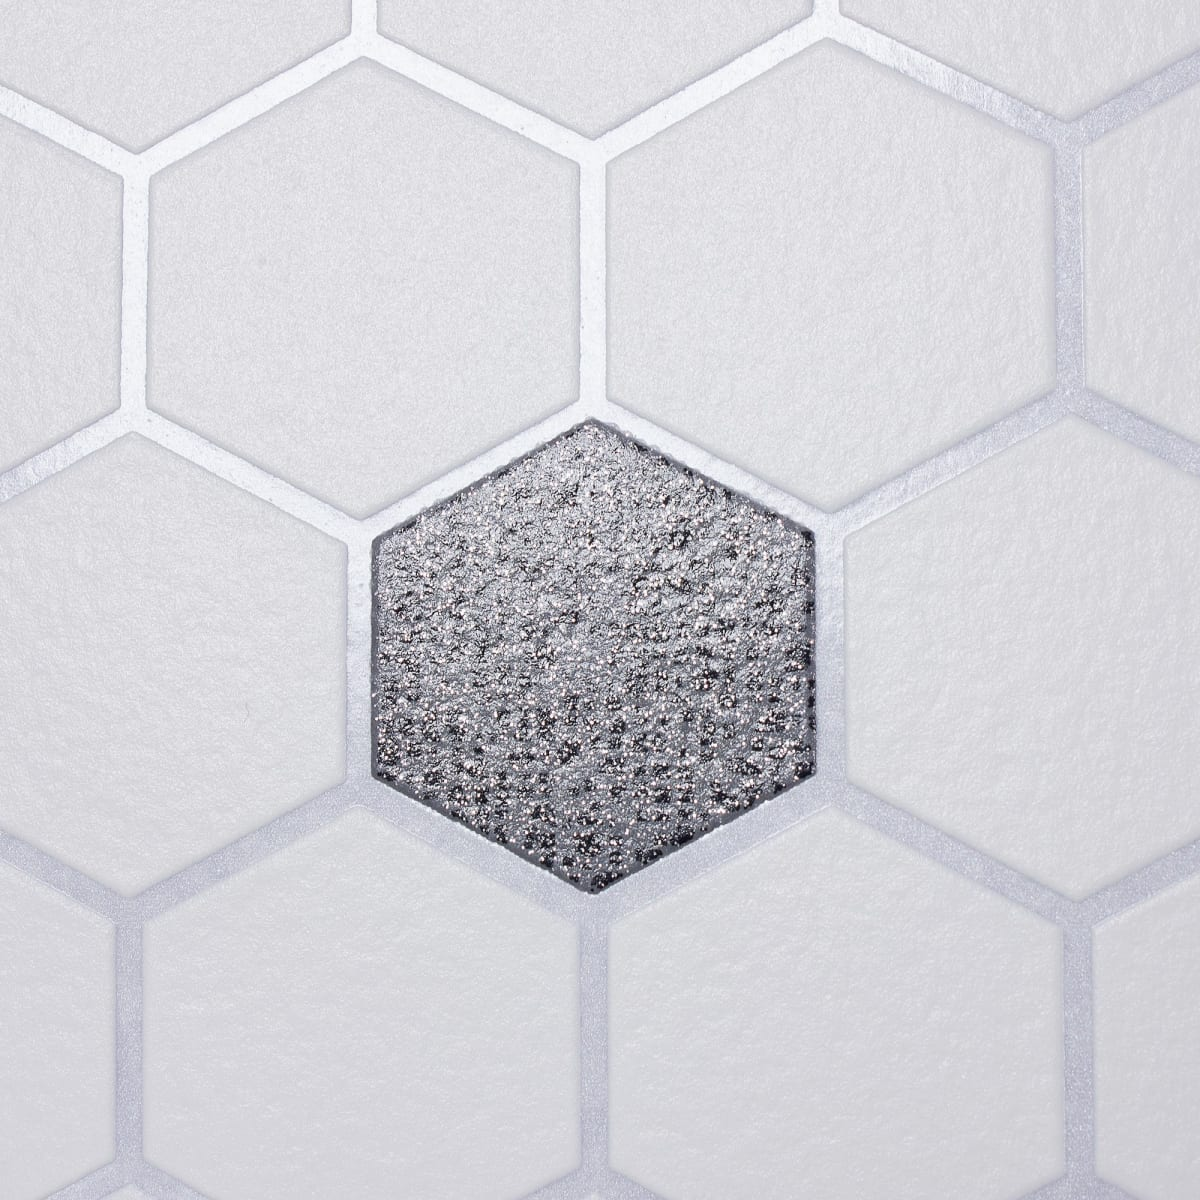 Фотообои Соты 3Д купить на Стену — Цены и 3D Фото интерьеров в ... | 1200x1200